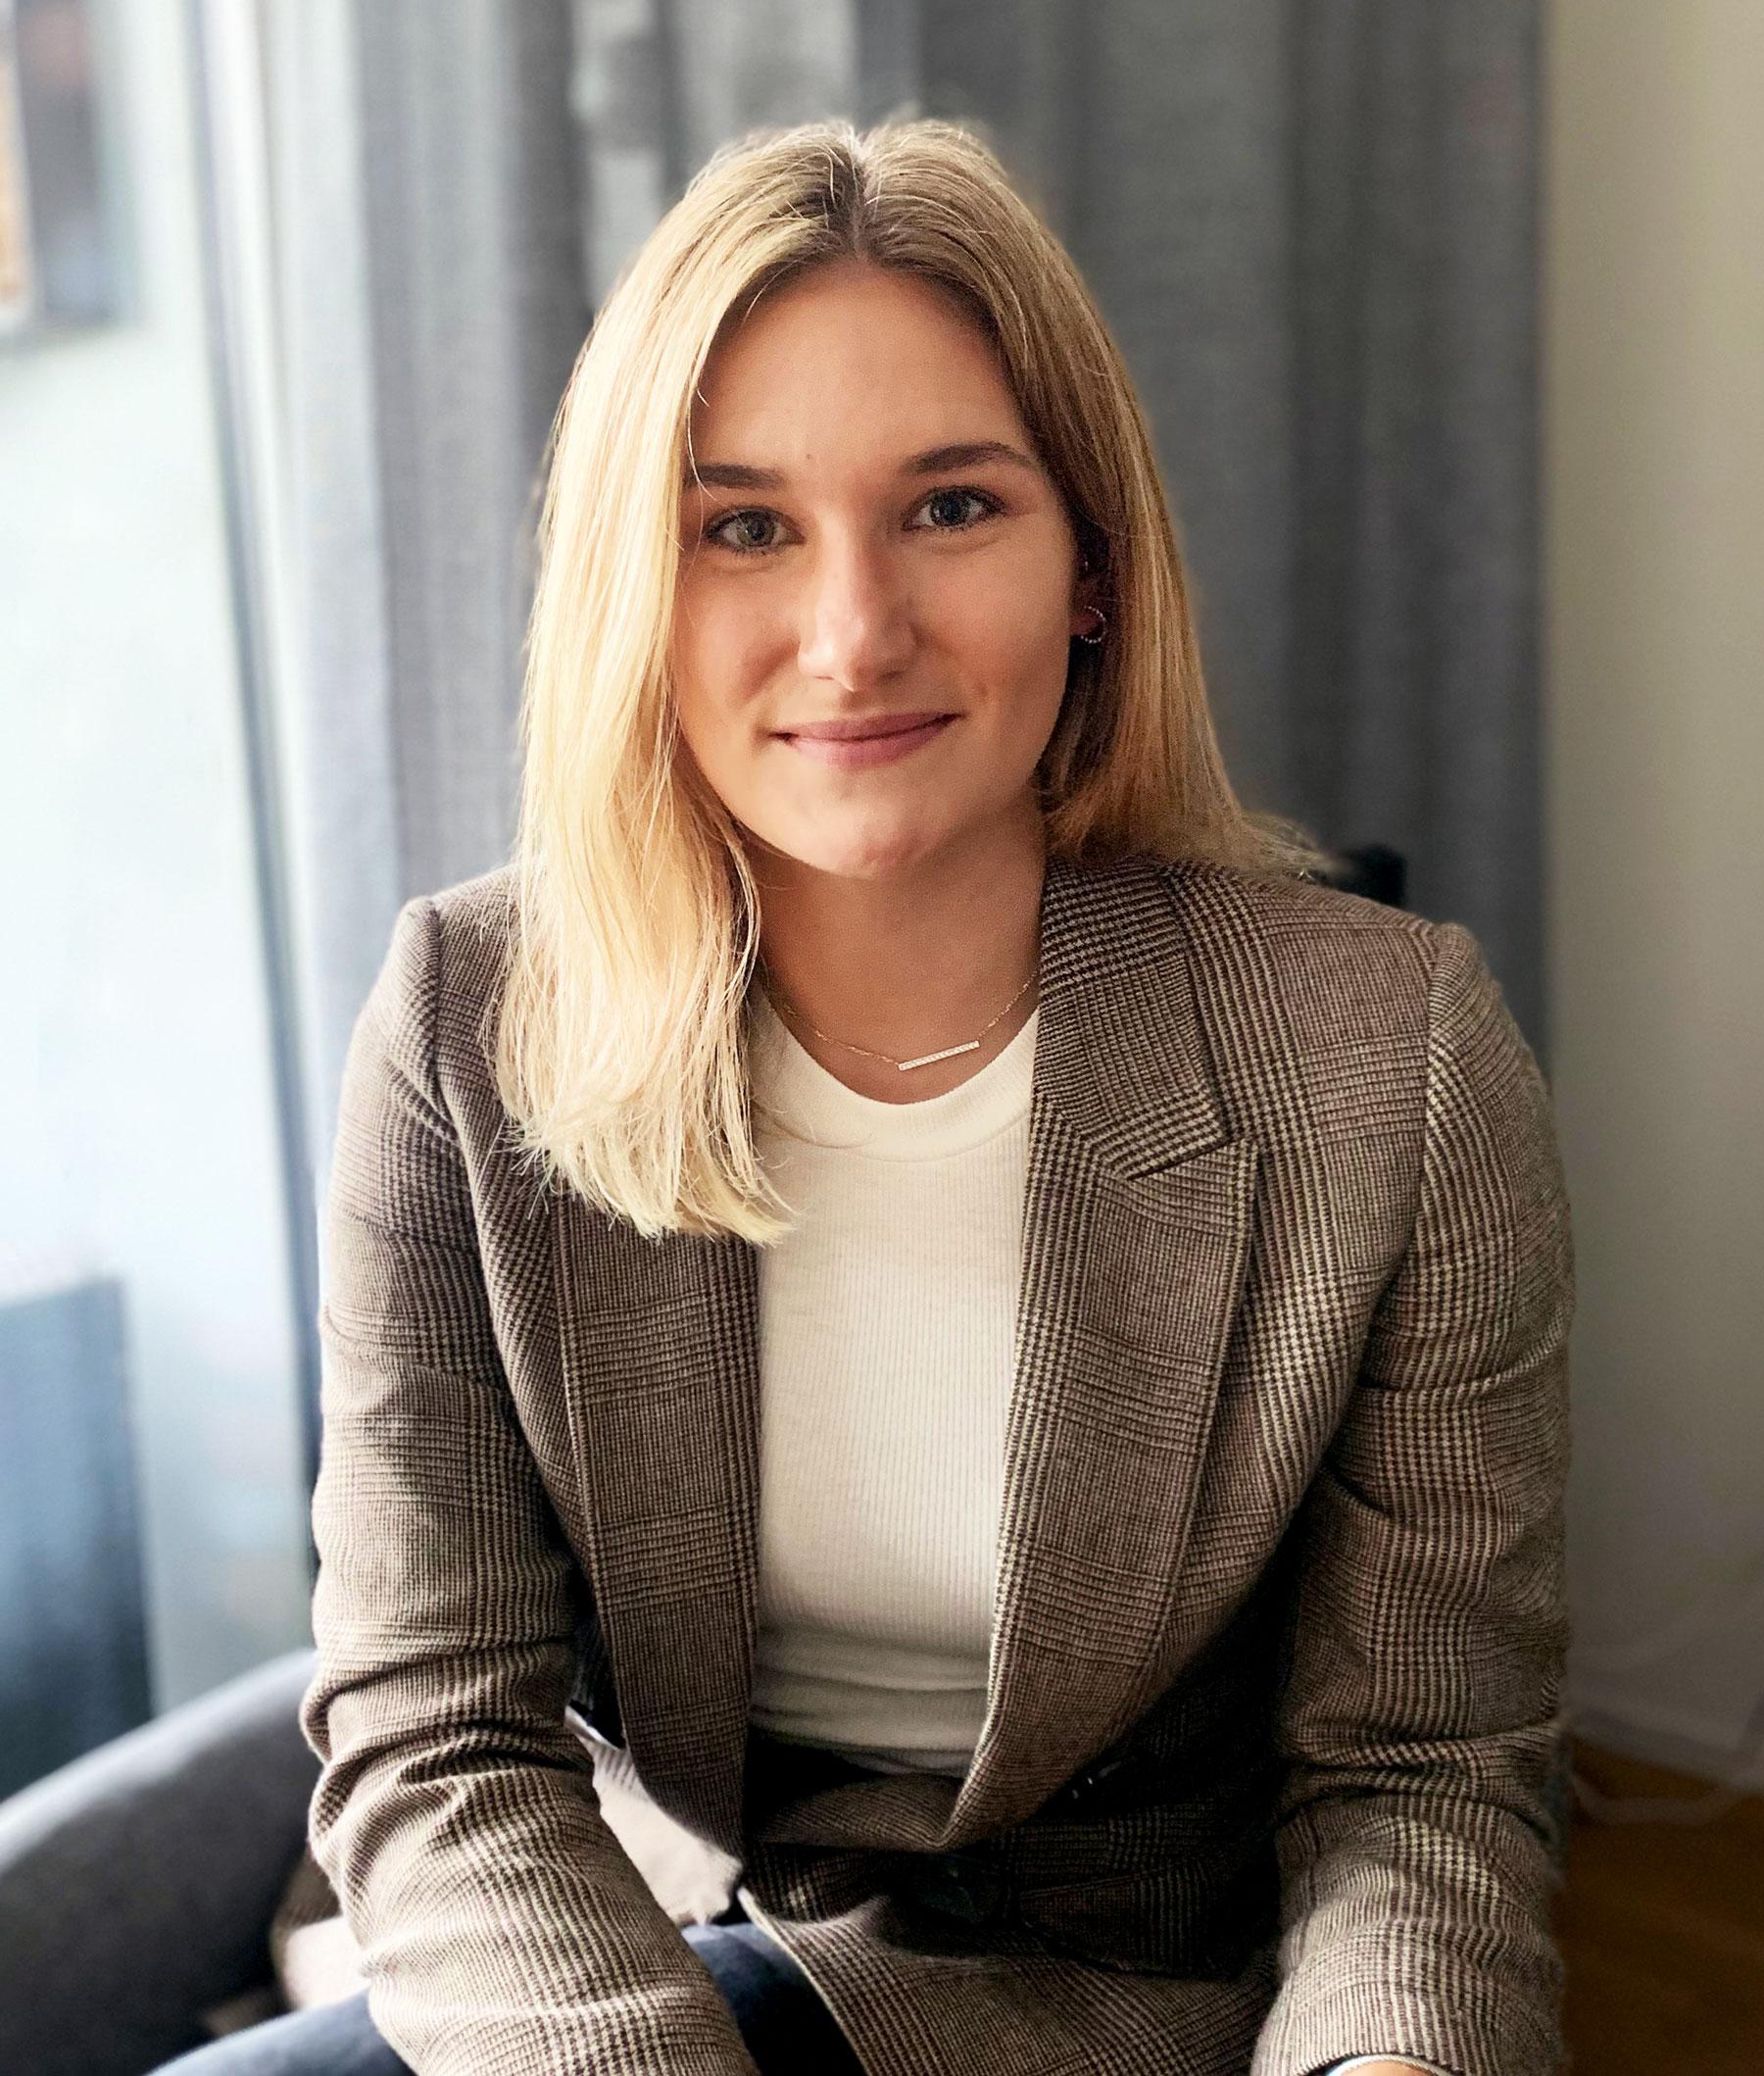 Justyna Urbaniak